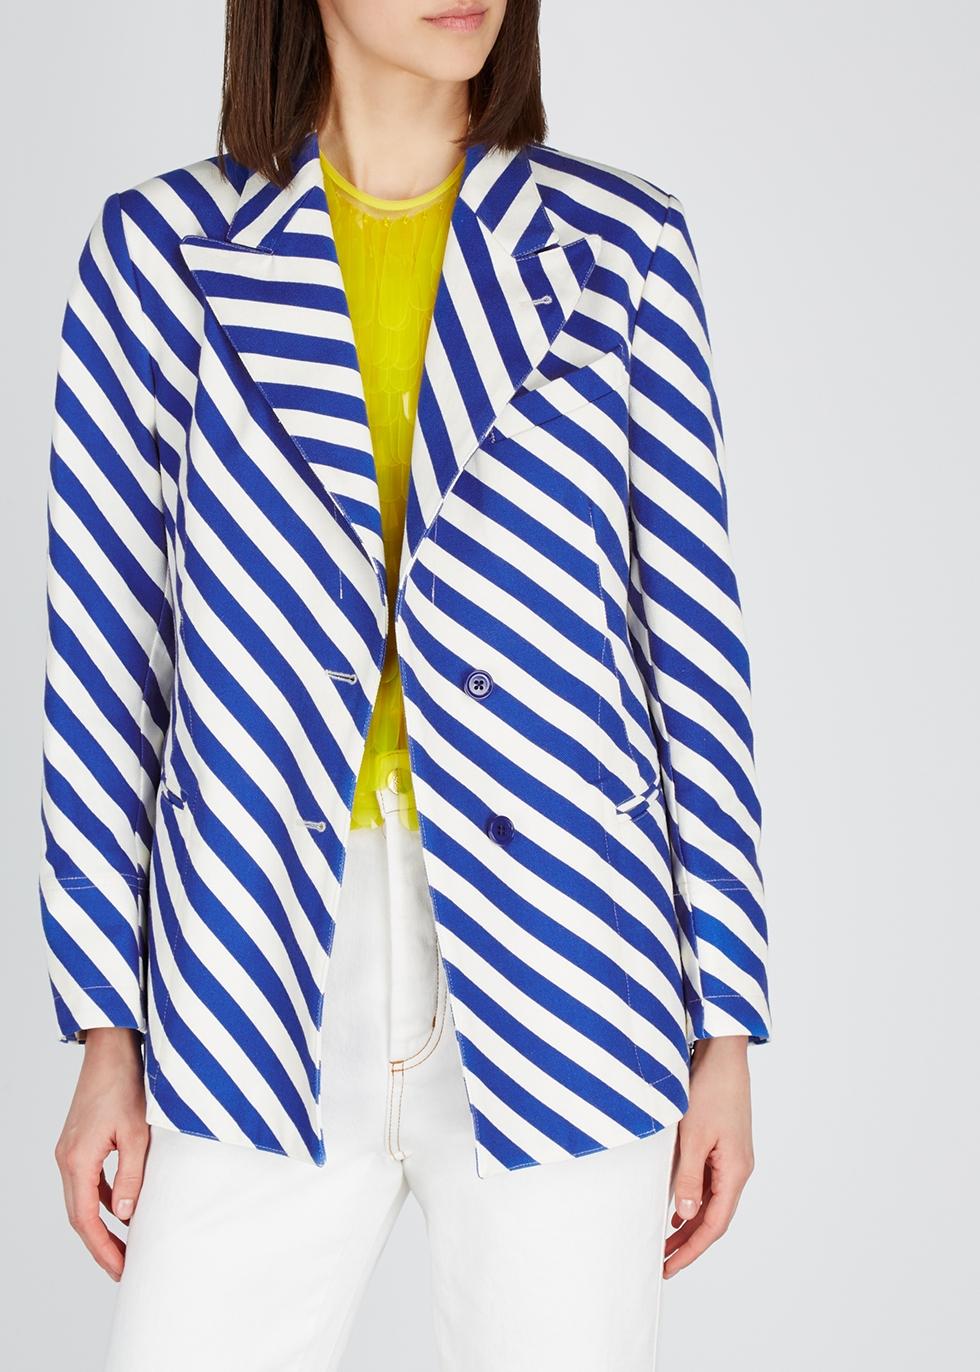 Bolyn striped cotton blazer - Dries Van Noten